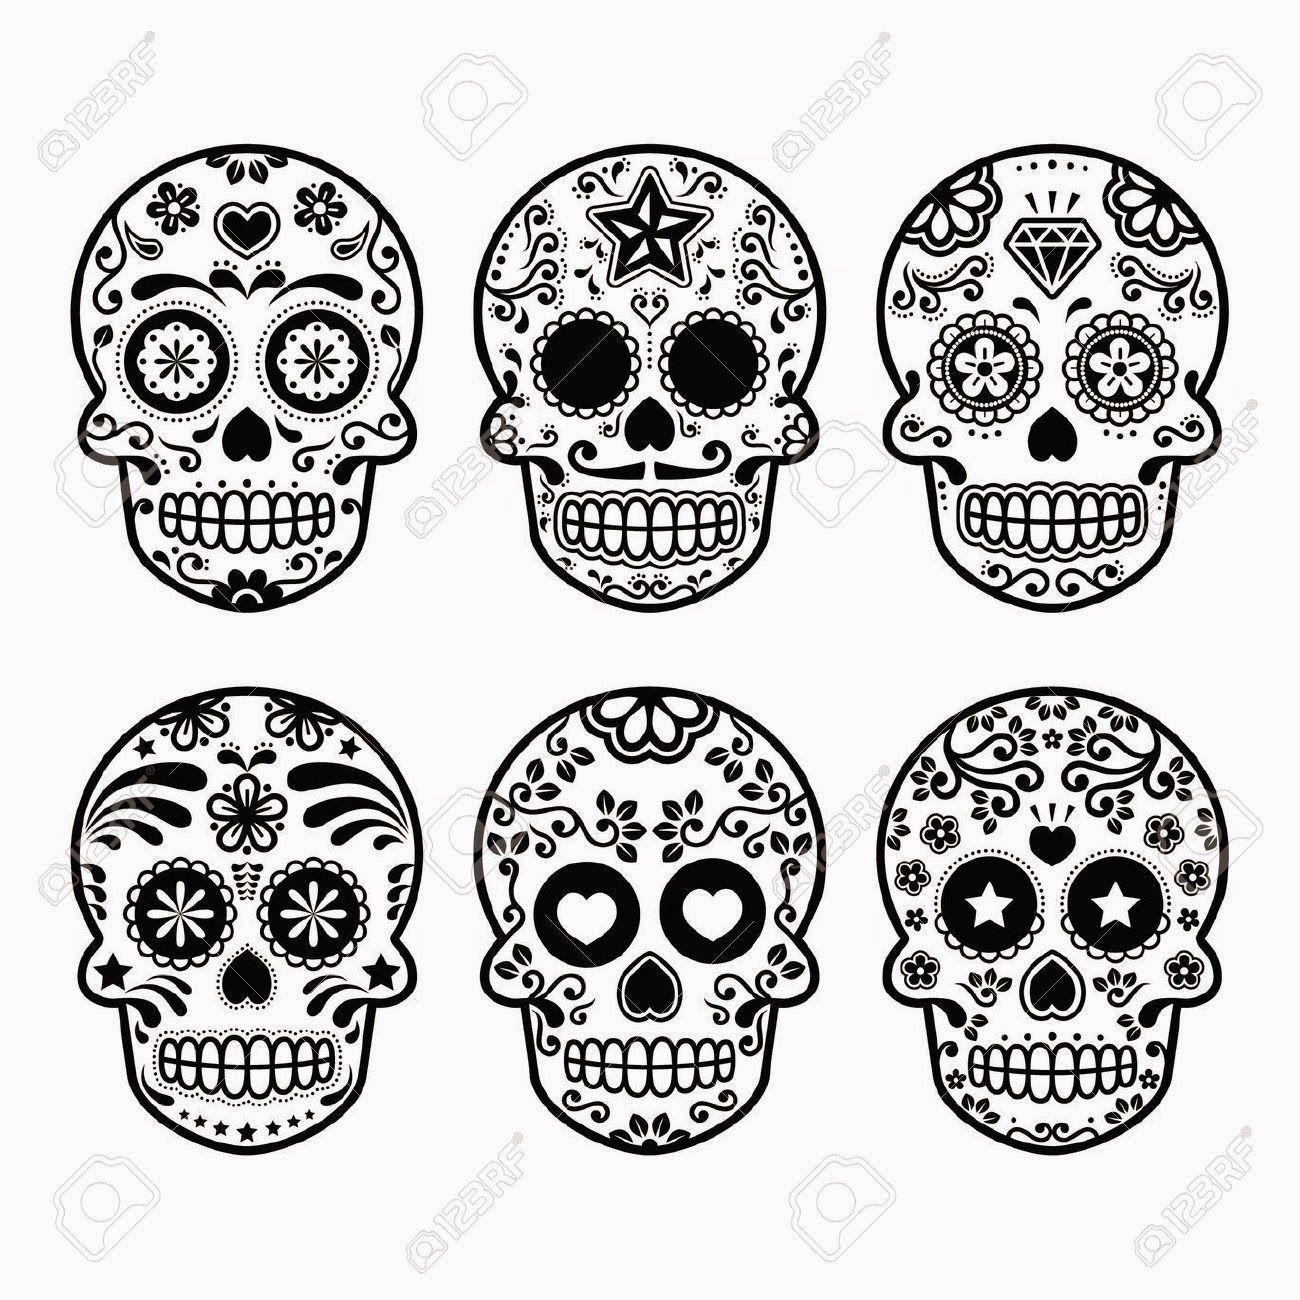 Dibujos Para Colorear Dia De Los Muertos | ideas | Pinterest ...